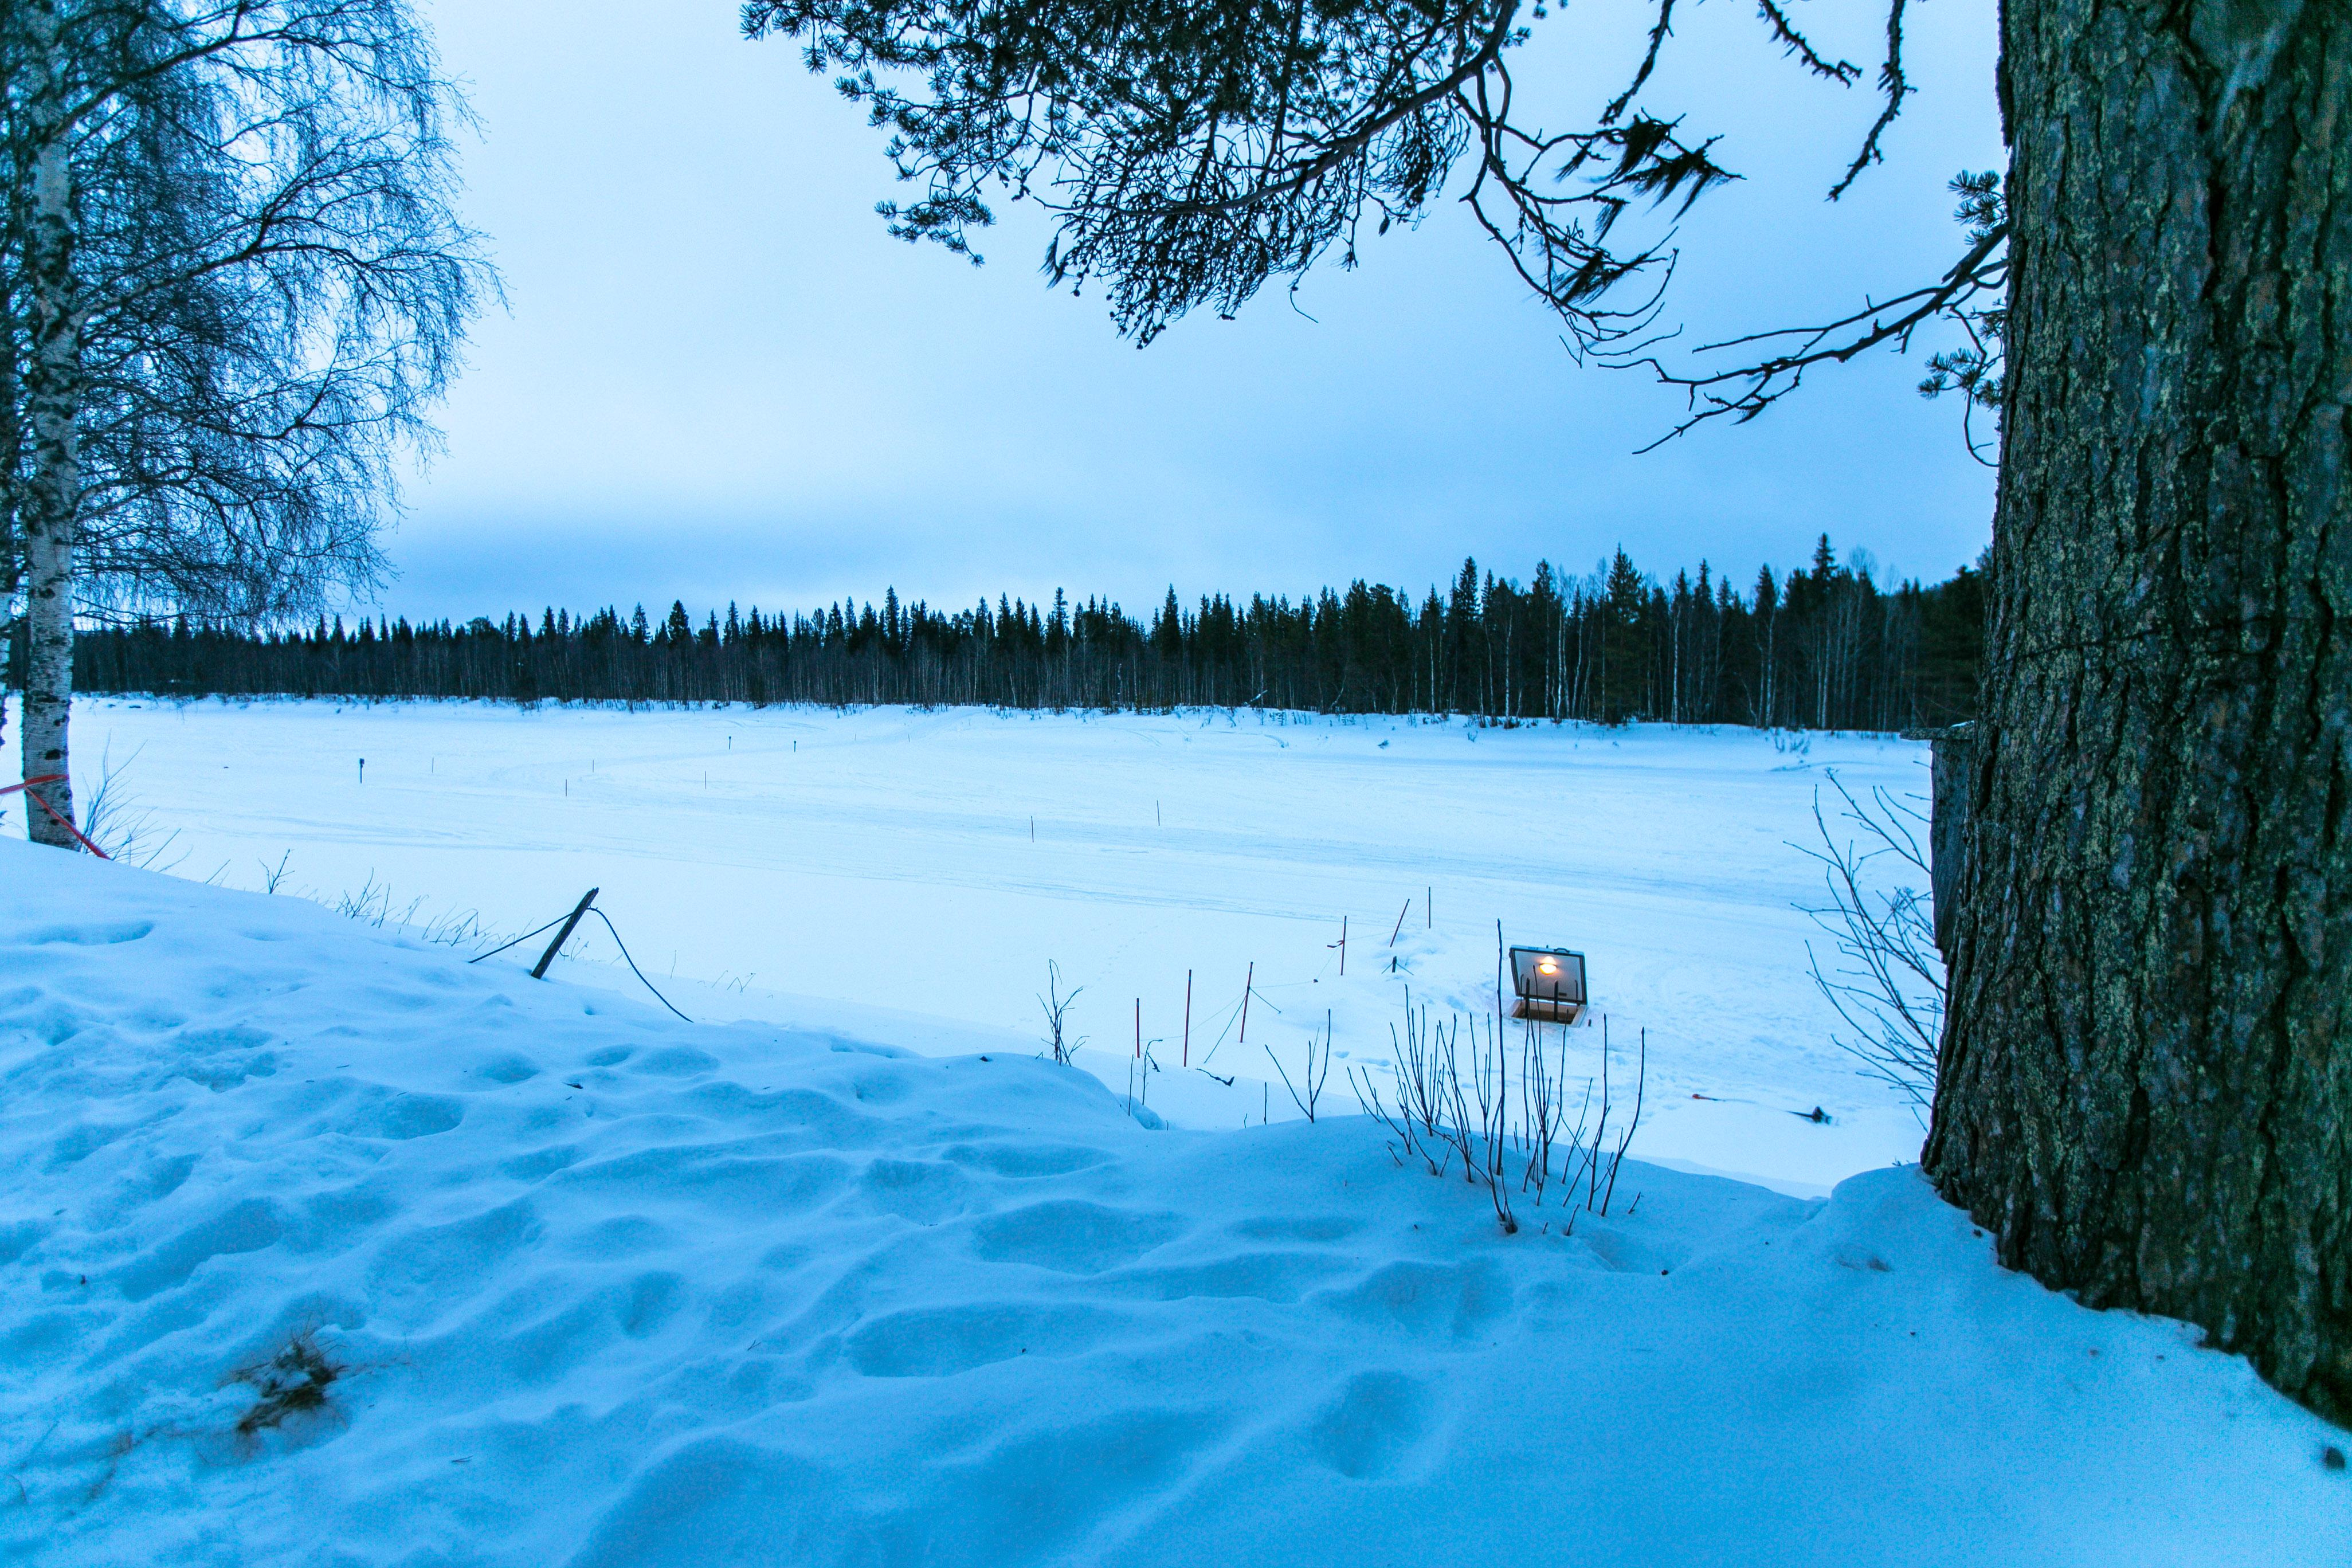 Eisbaden in Levi, Lappland, Finnland, Winterurlaub